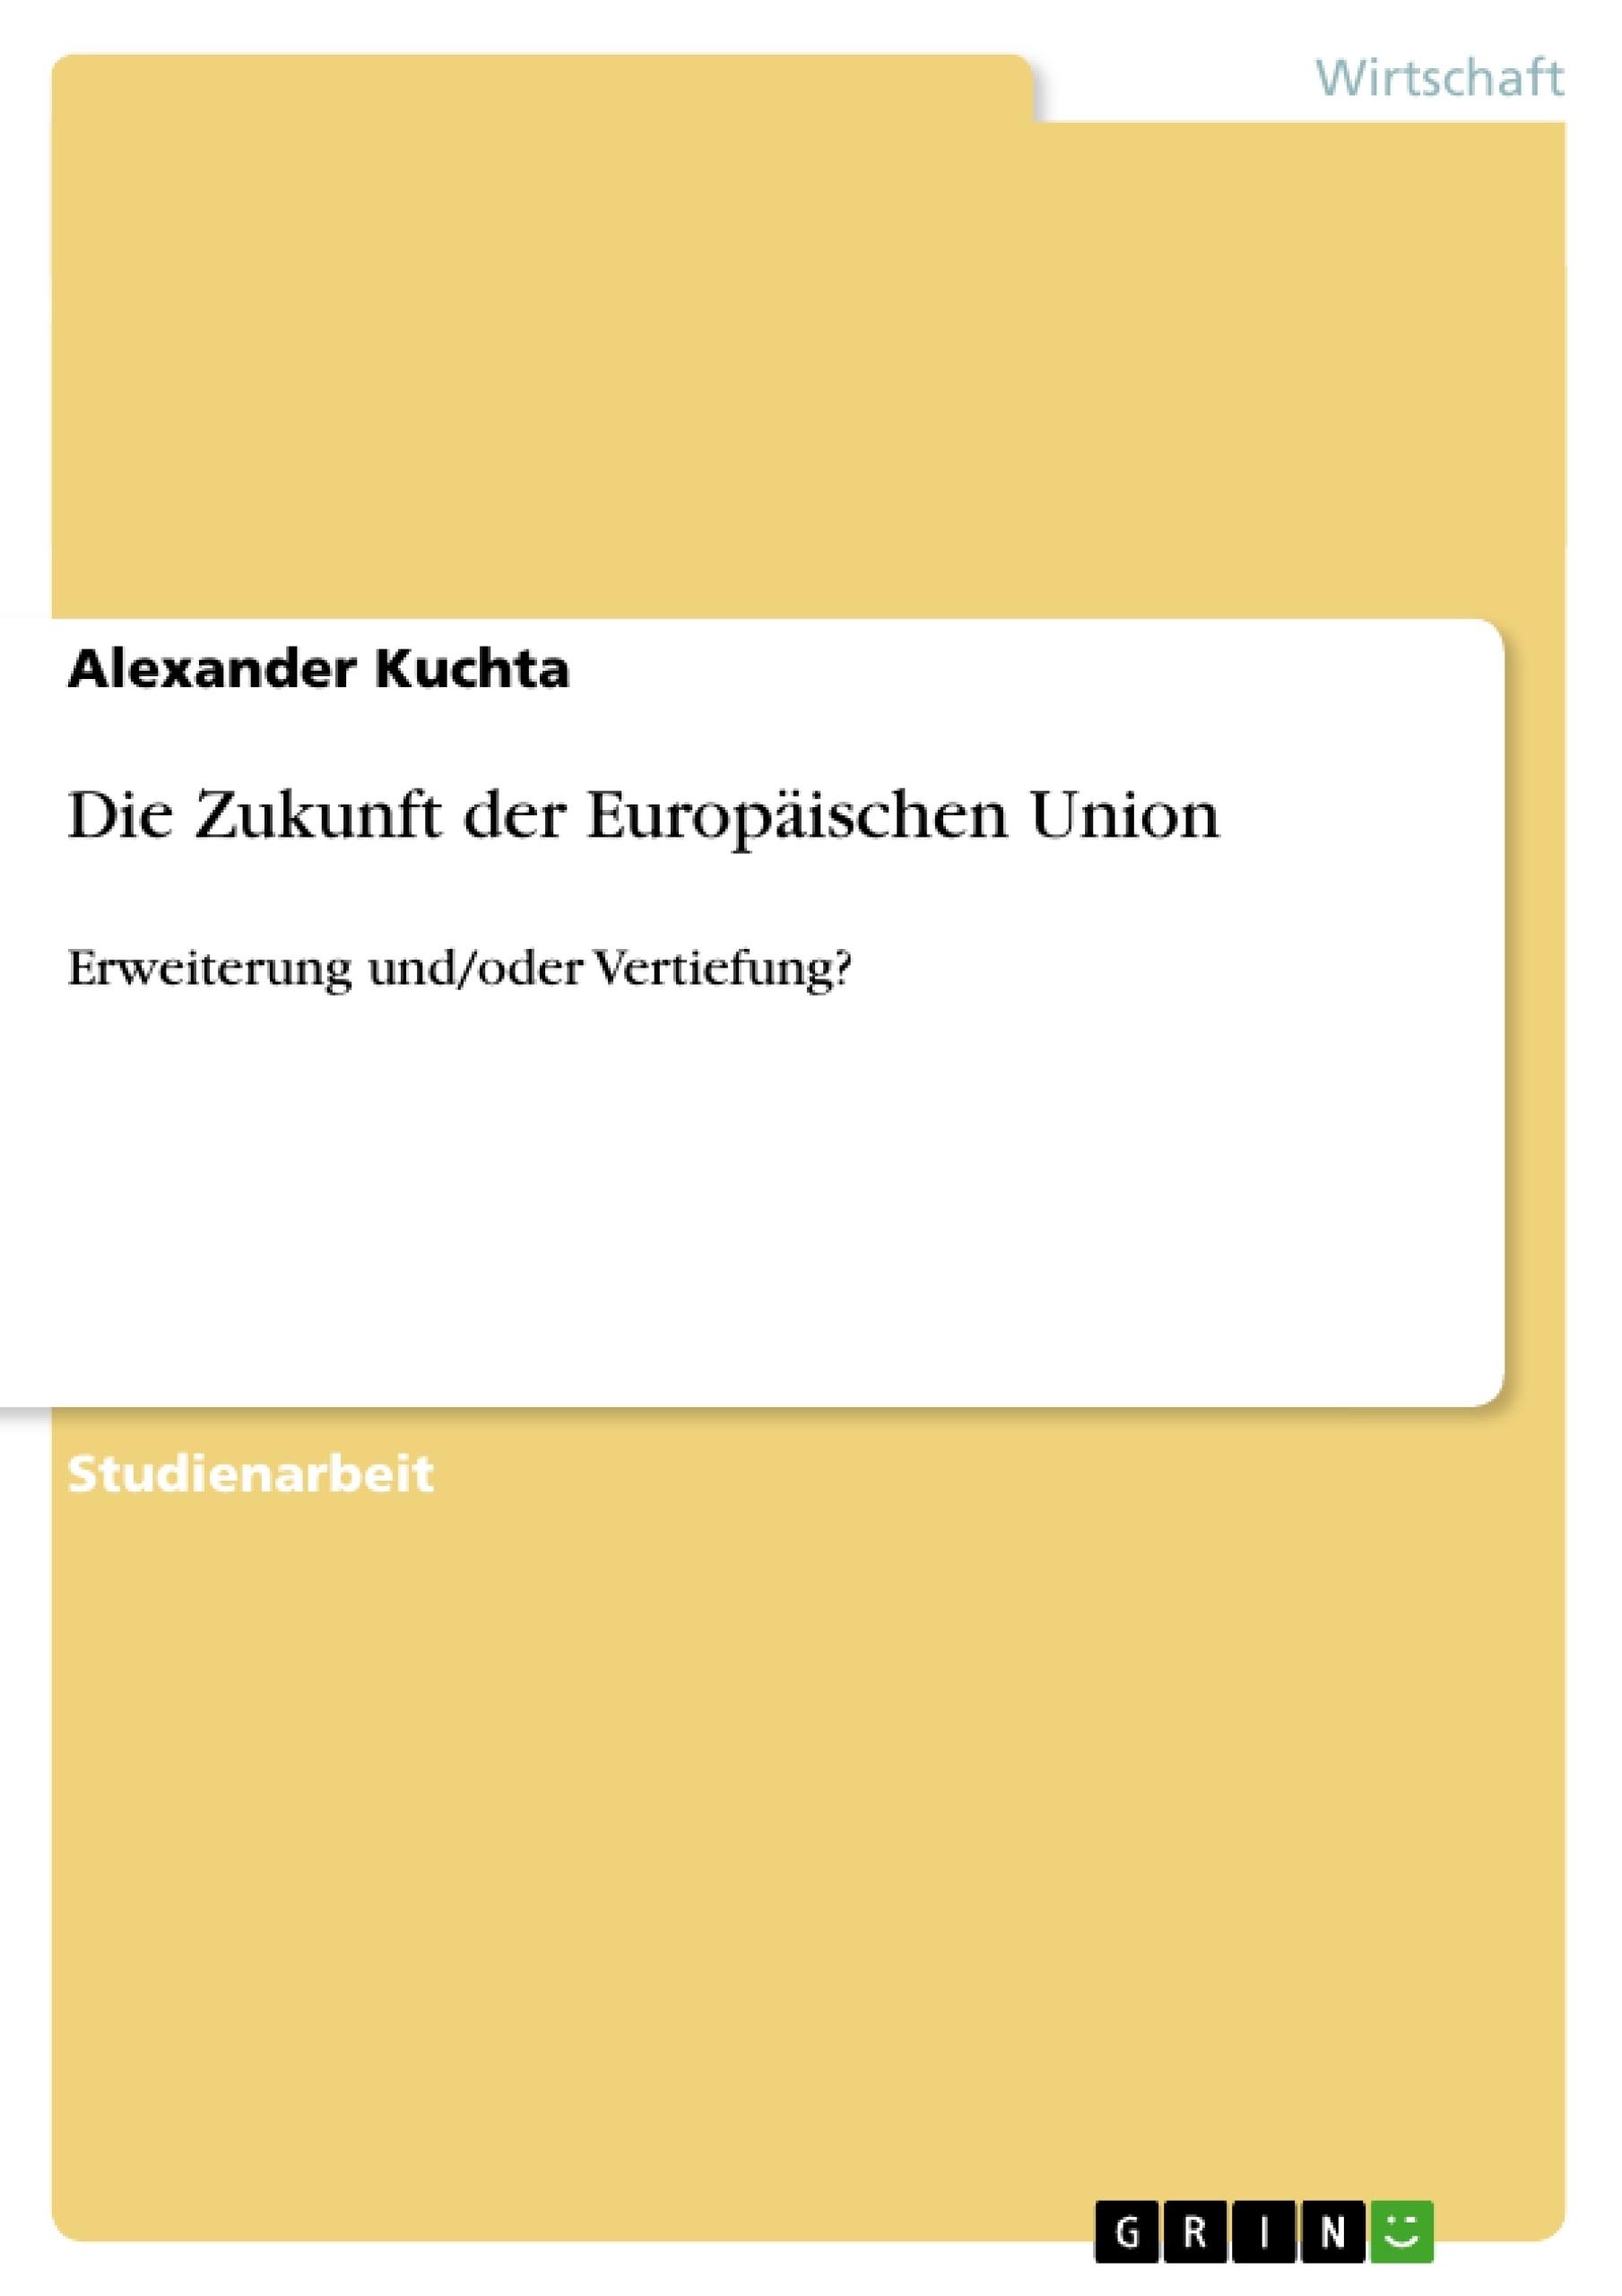 Titel: Die Zukunft der Europäischen Union